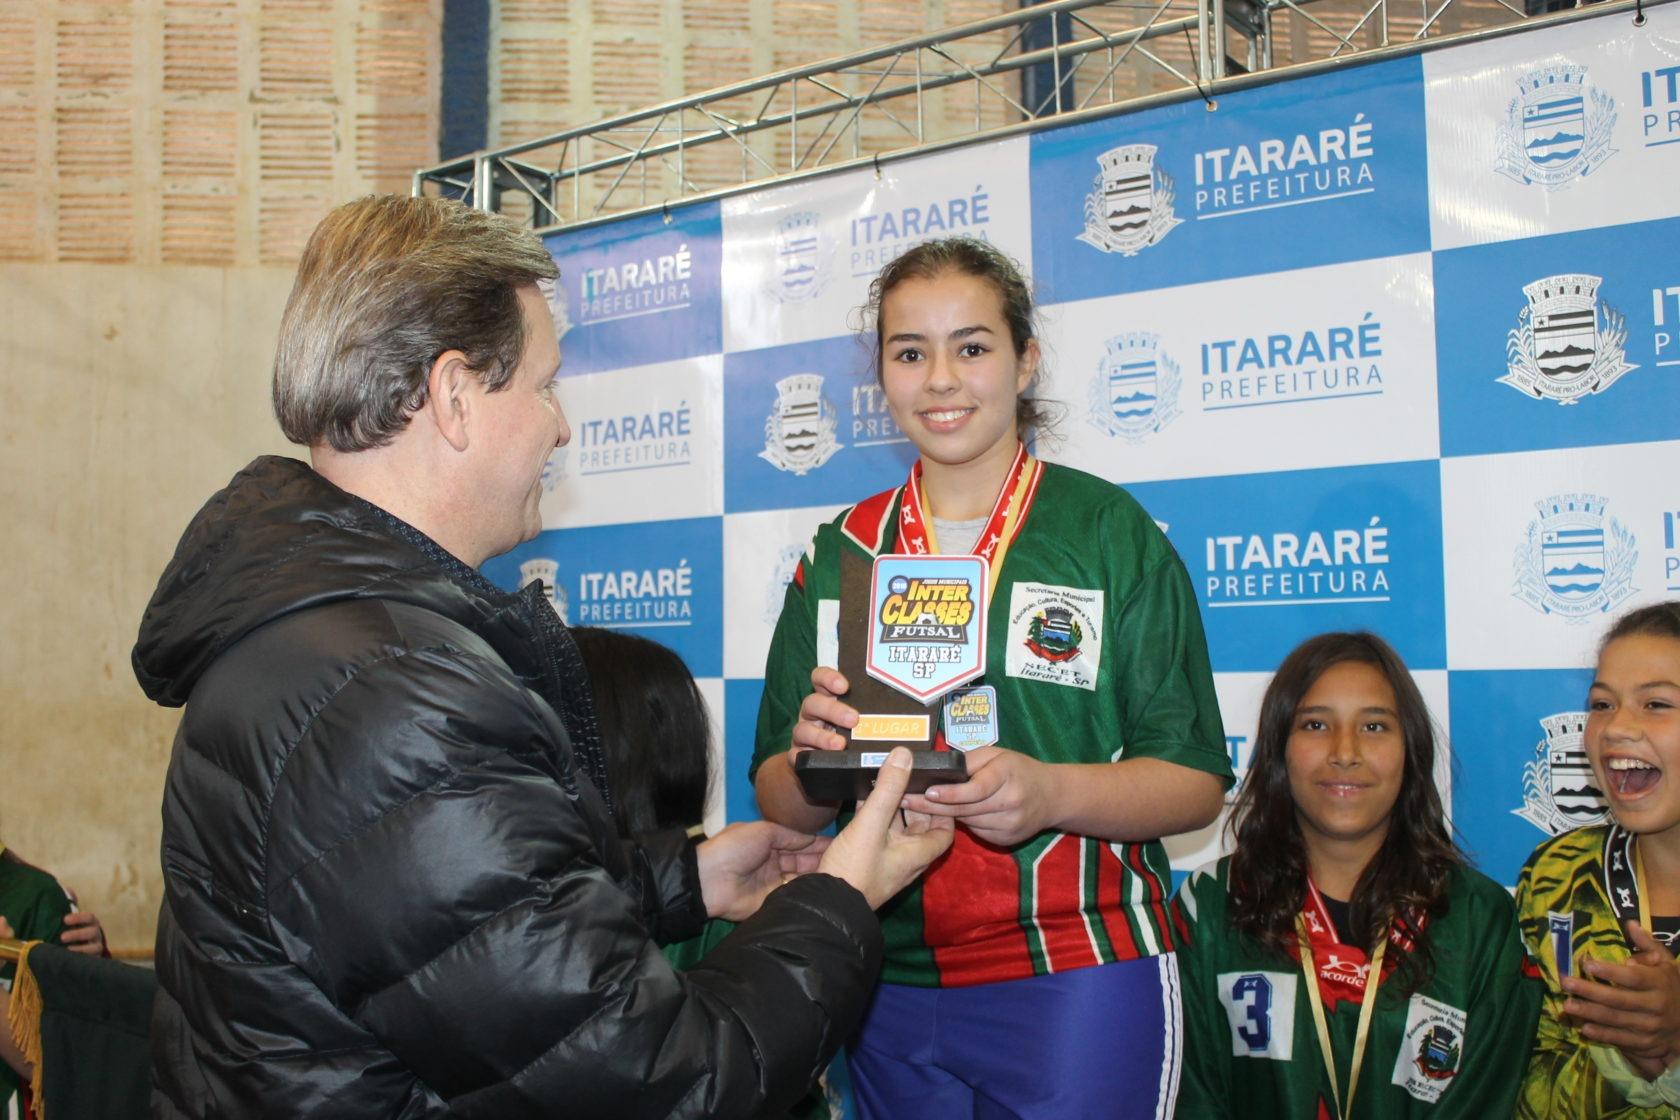 Prefeito de Itararé (SP) premia campeões dos Jogos Interclasses